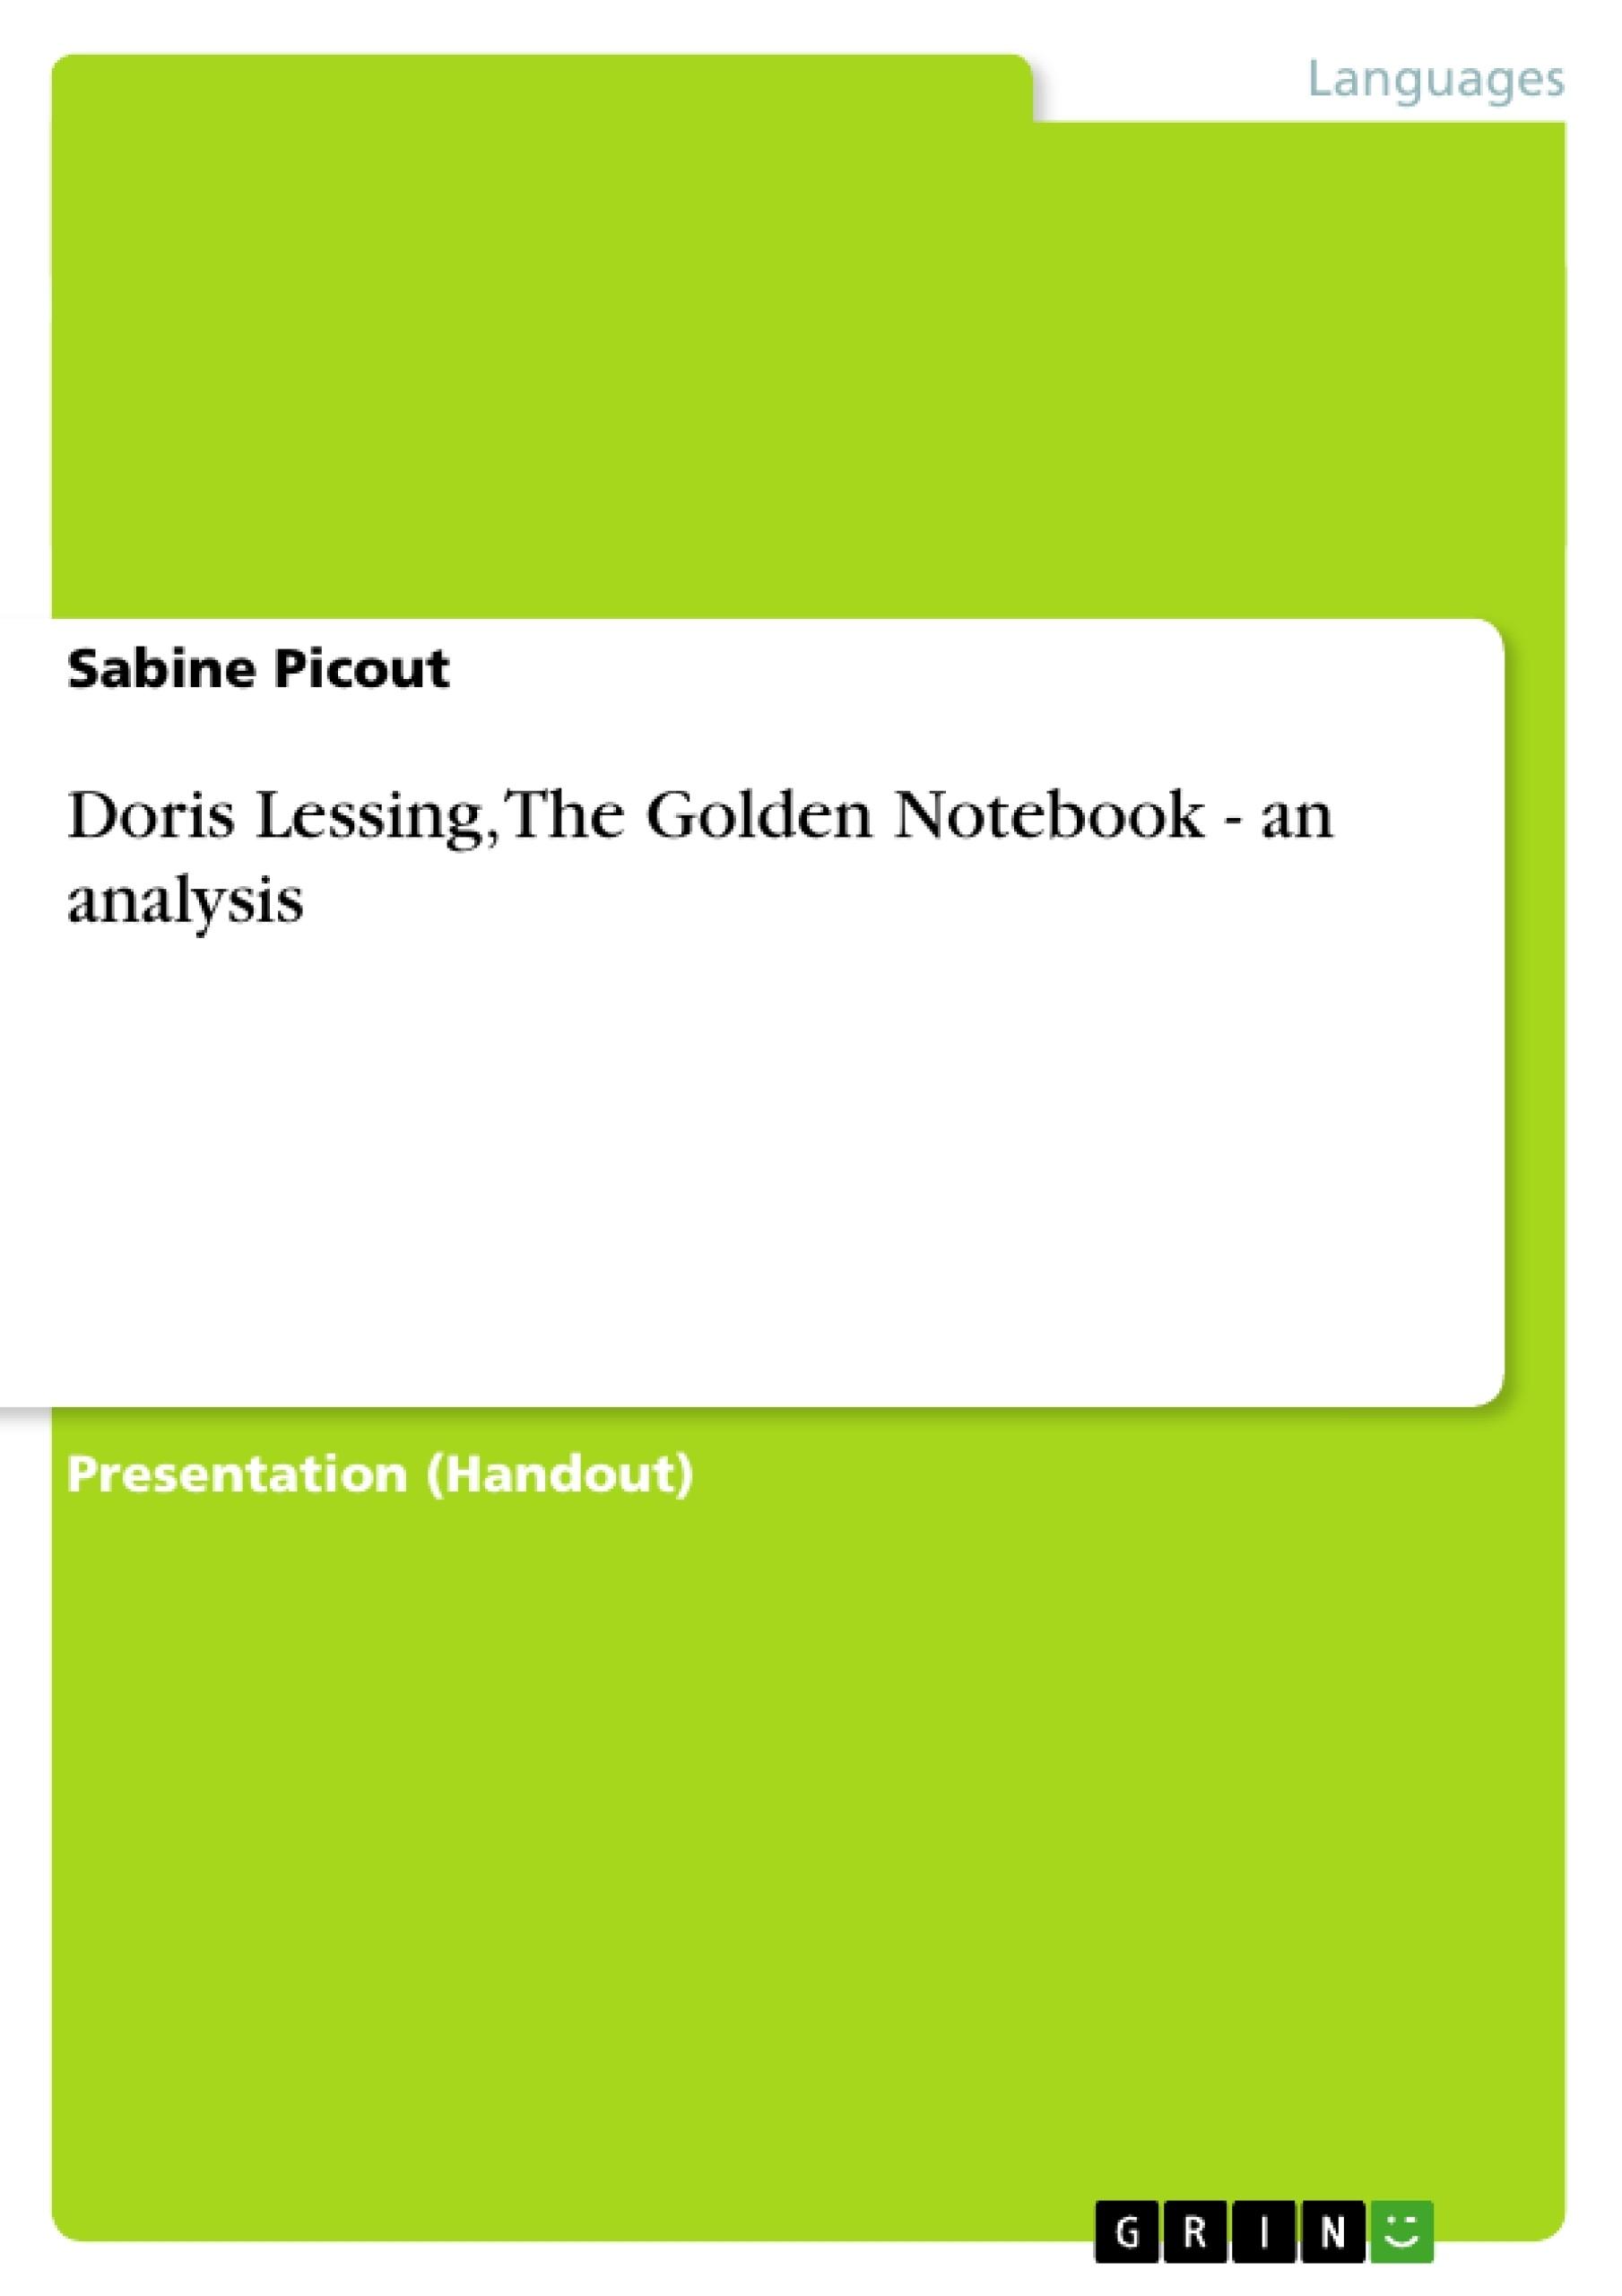 Title: Doris Lessing, The Golden Notebook - an analysis